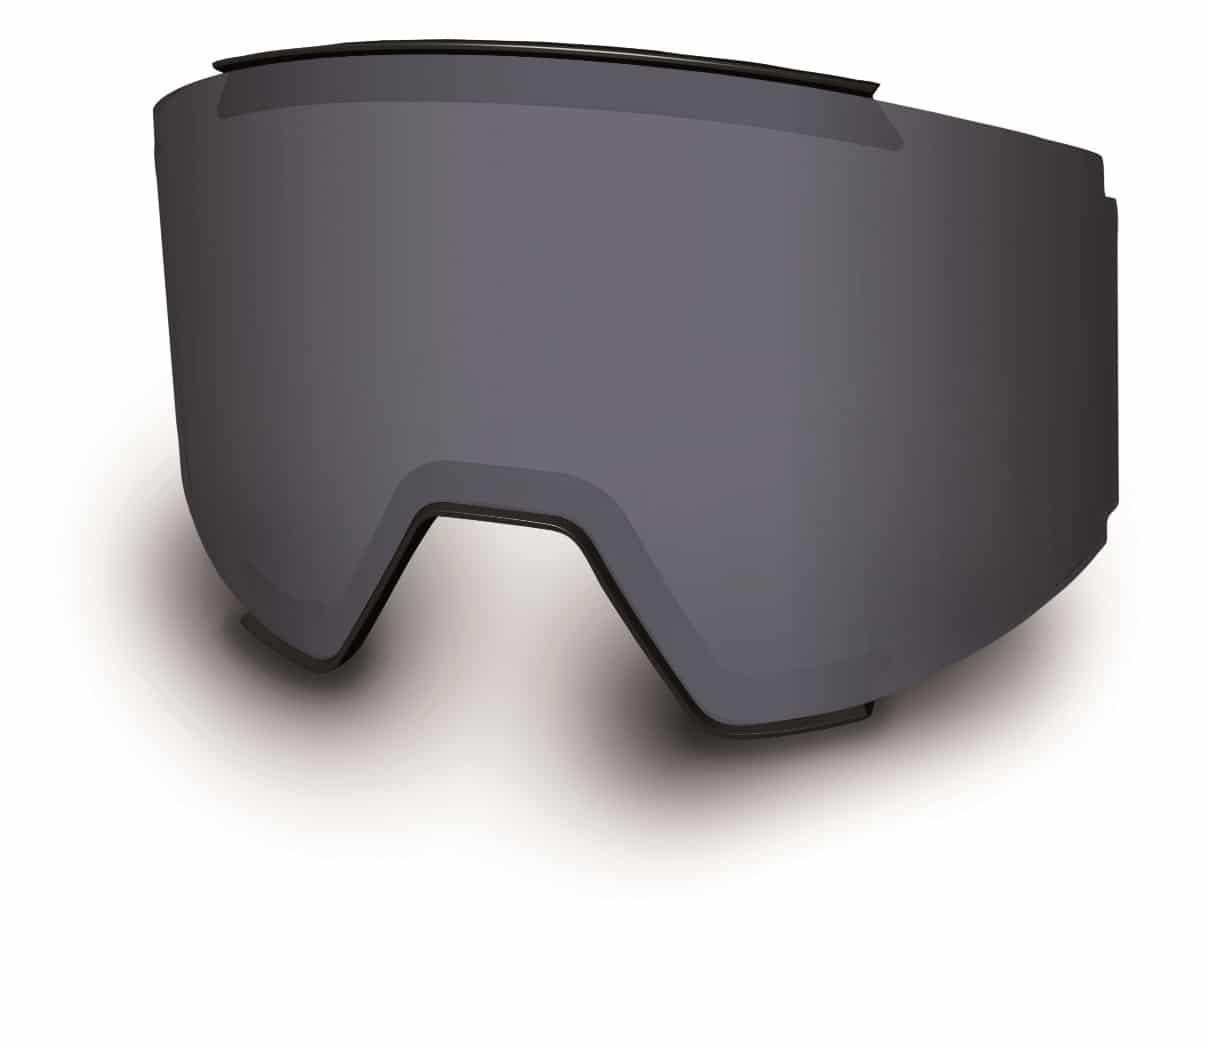 LAVA 7.6 or Magmatica Spare Lenses SM2 Silver Mirror